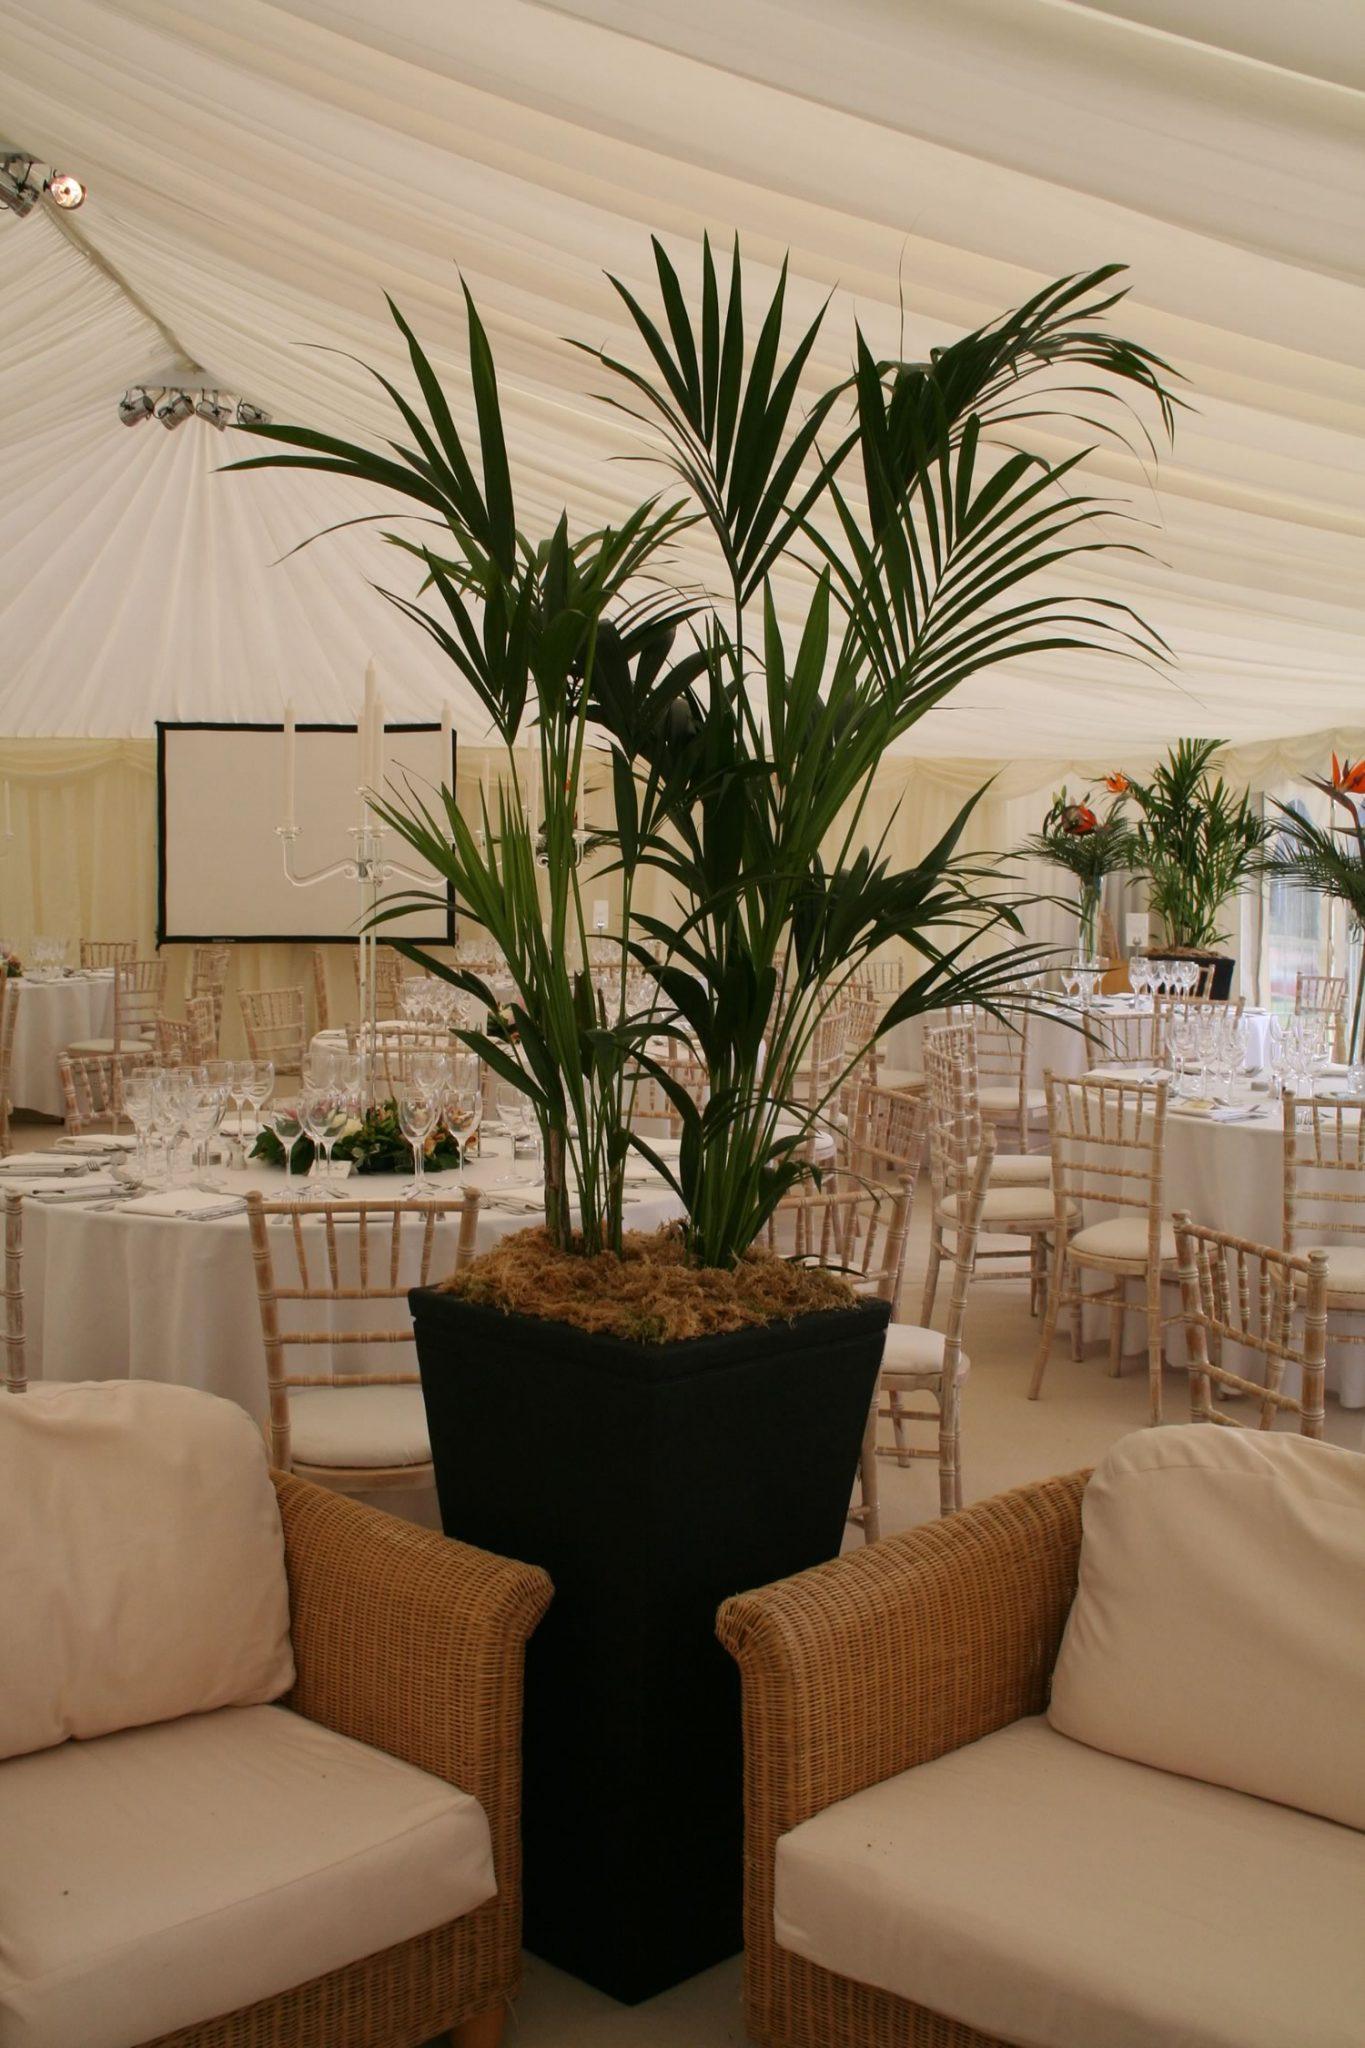 Kentia Palm in a marquee